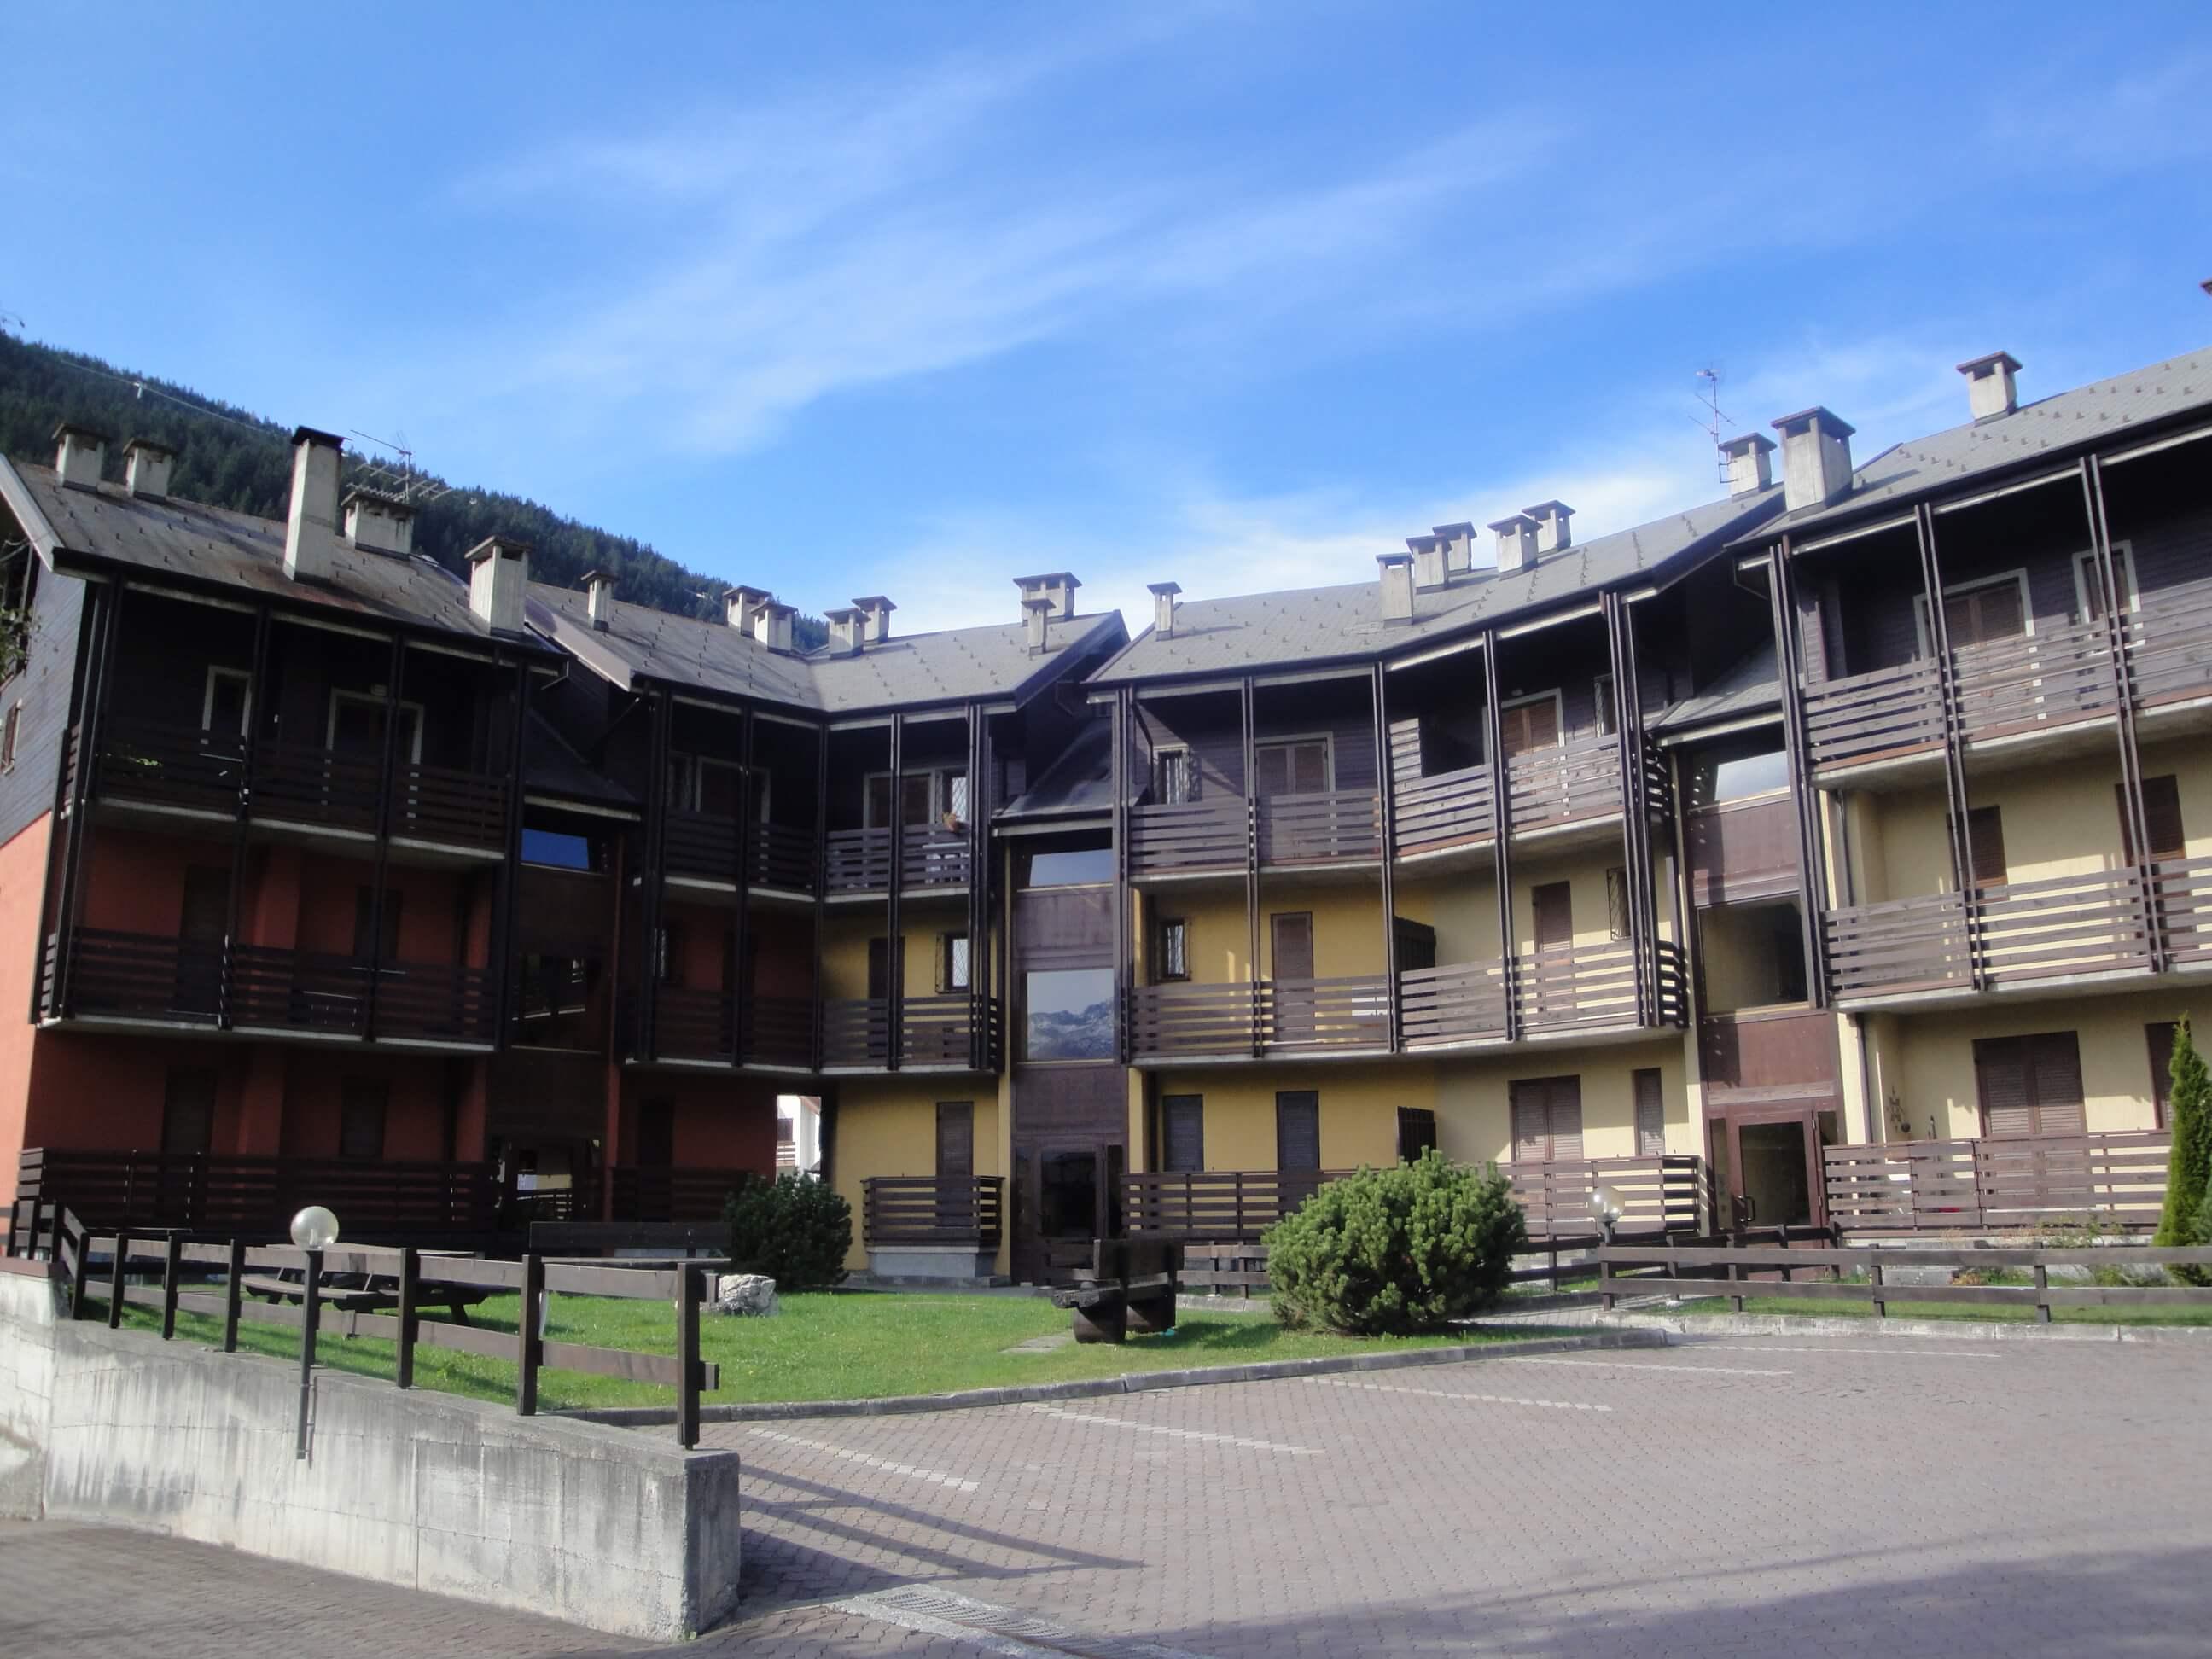 Immobiliare Abita condominio Capitel - Isolaccia monolocale in vendita